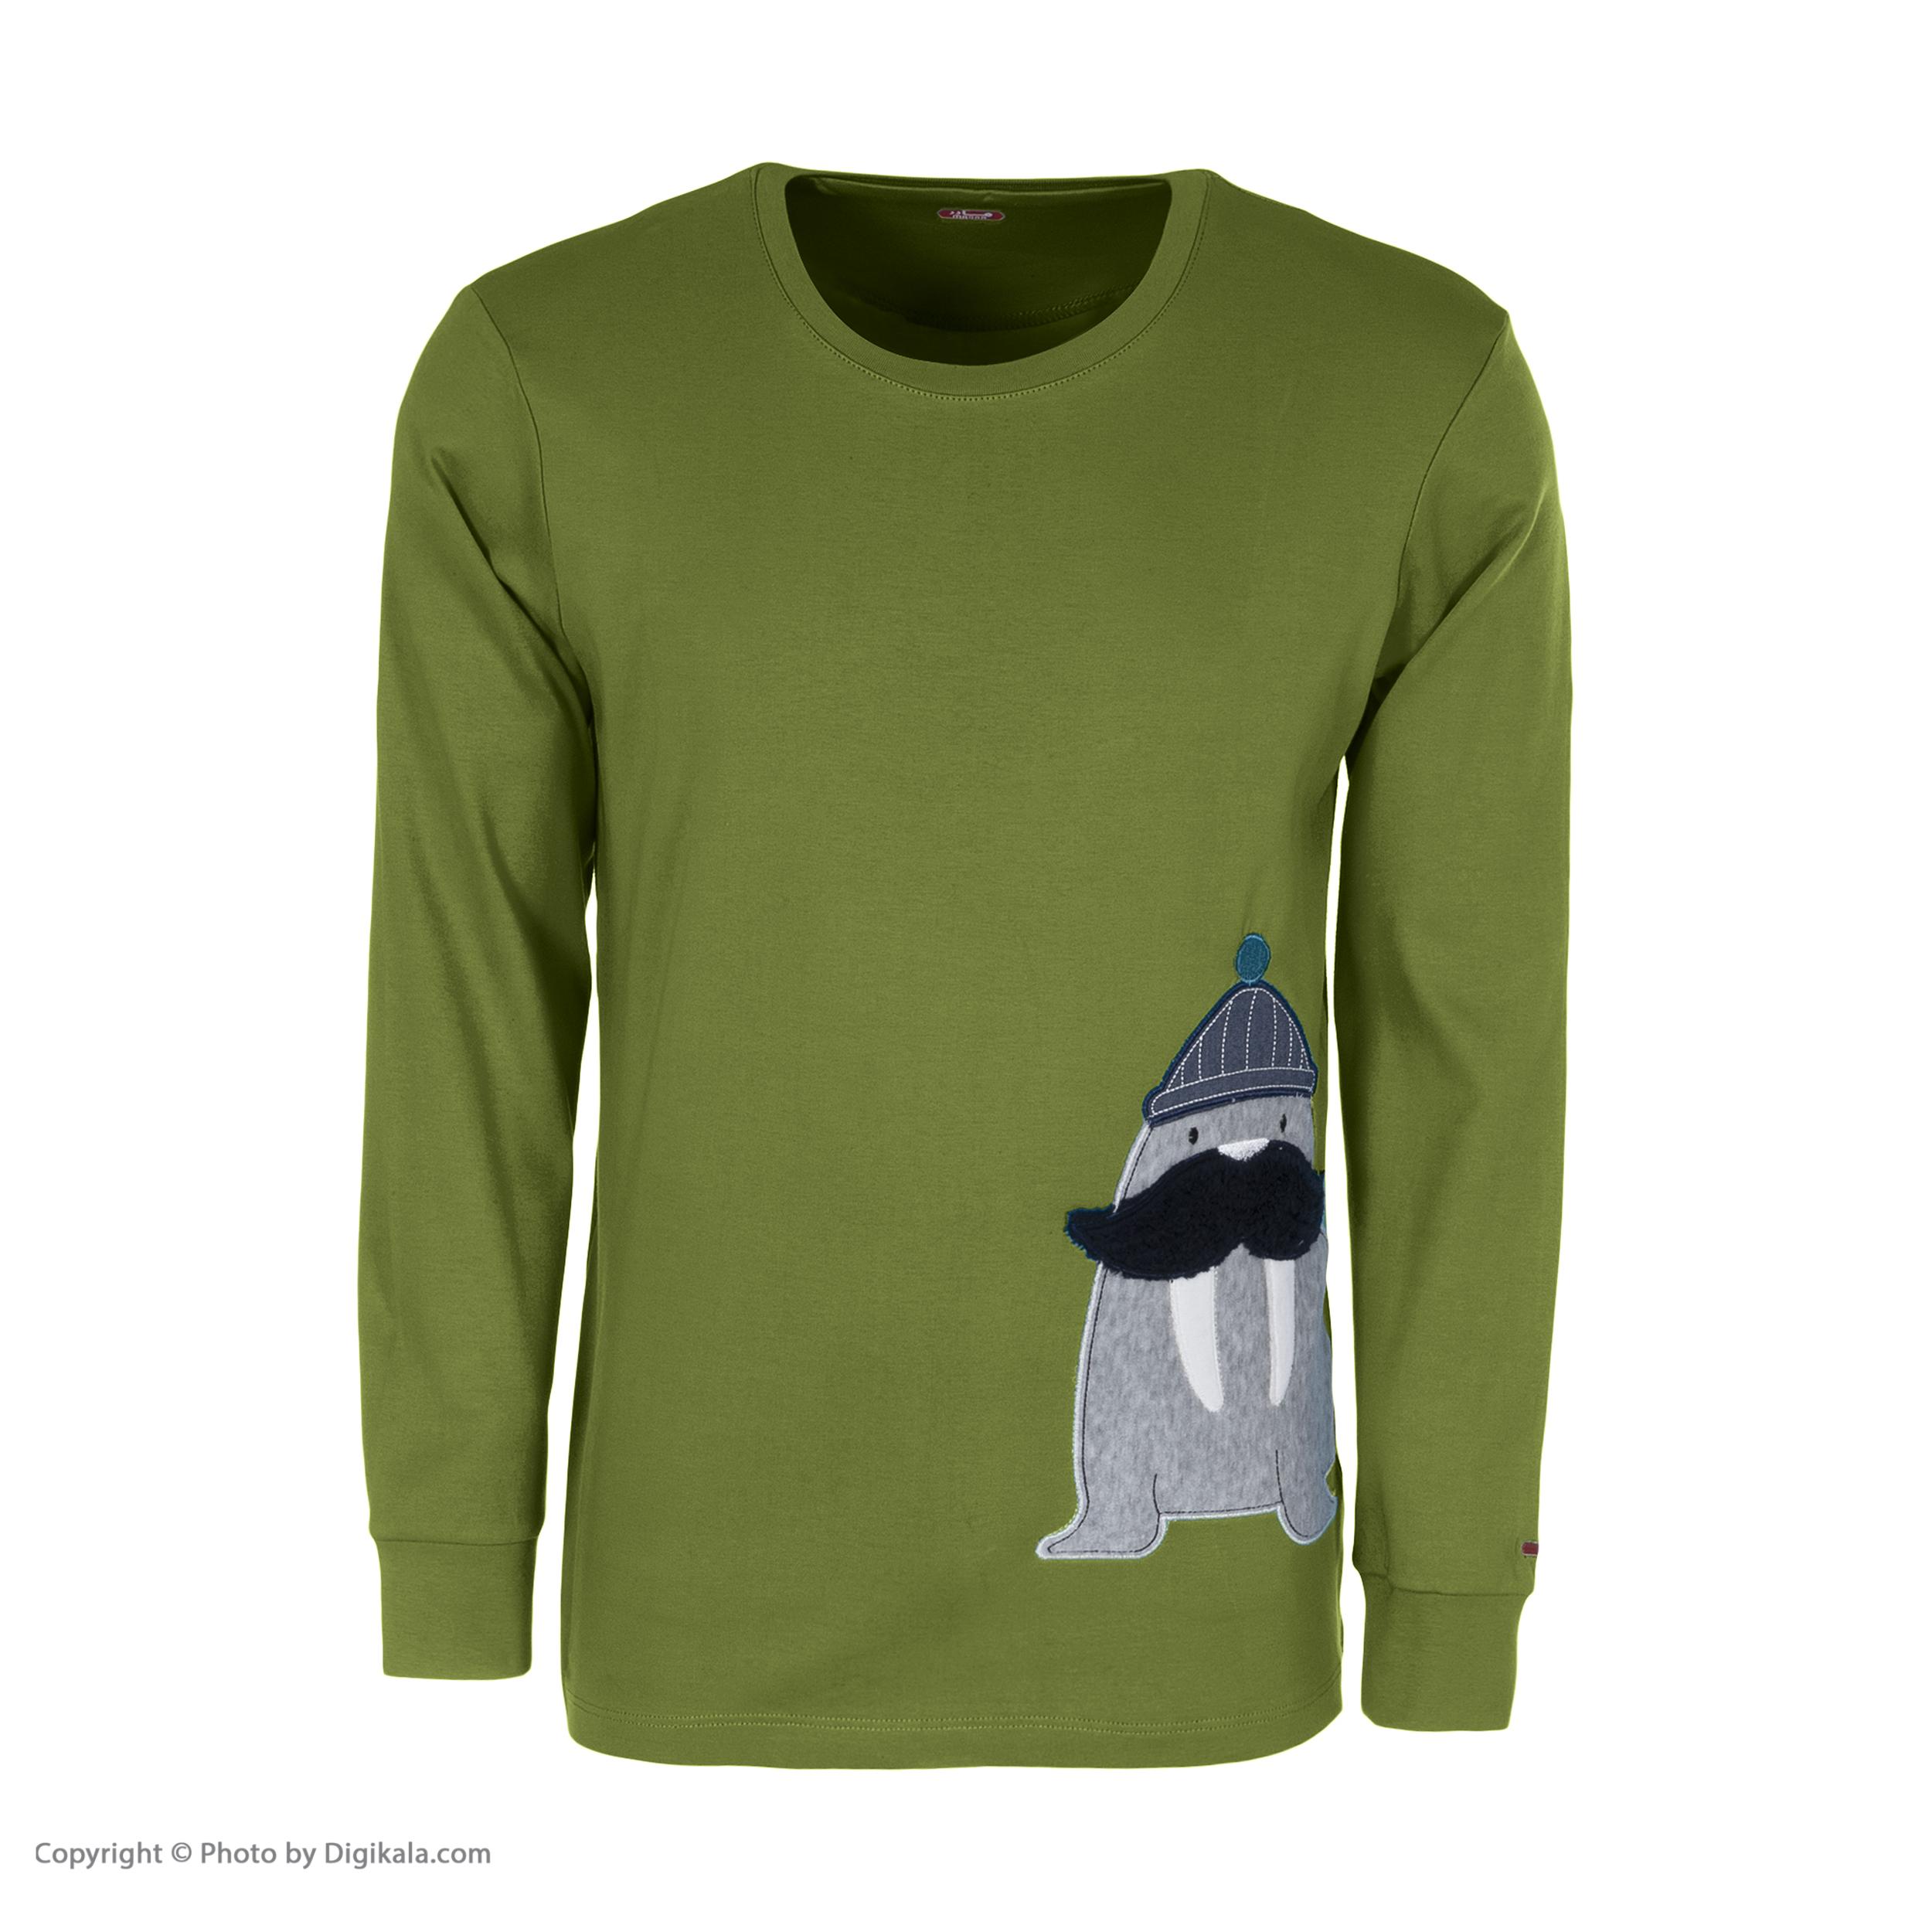 ست تی شرت و شلوار مردانه مادر مدل 2041305-42